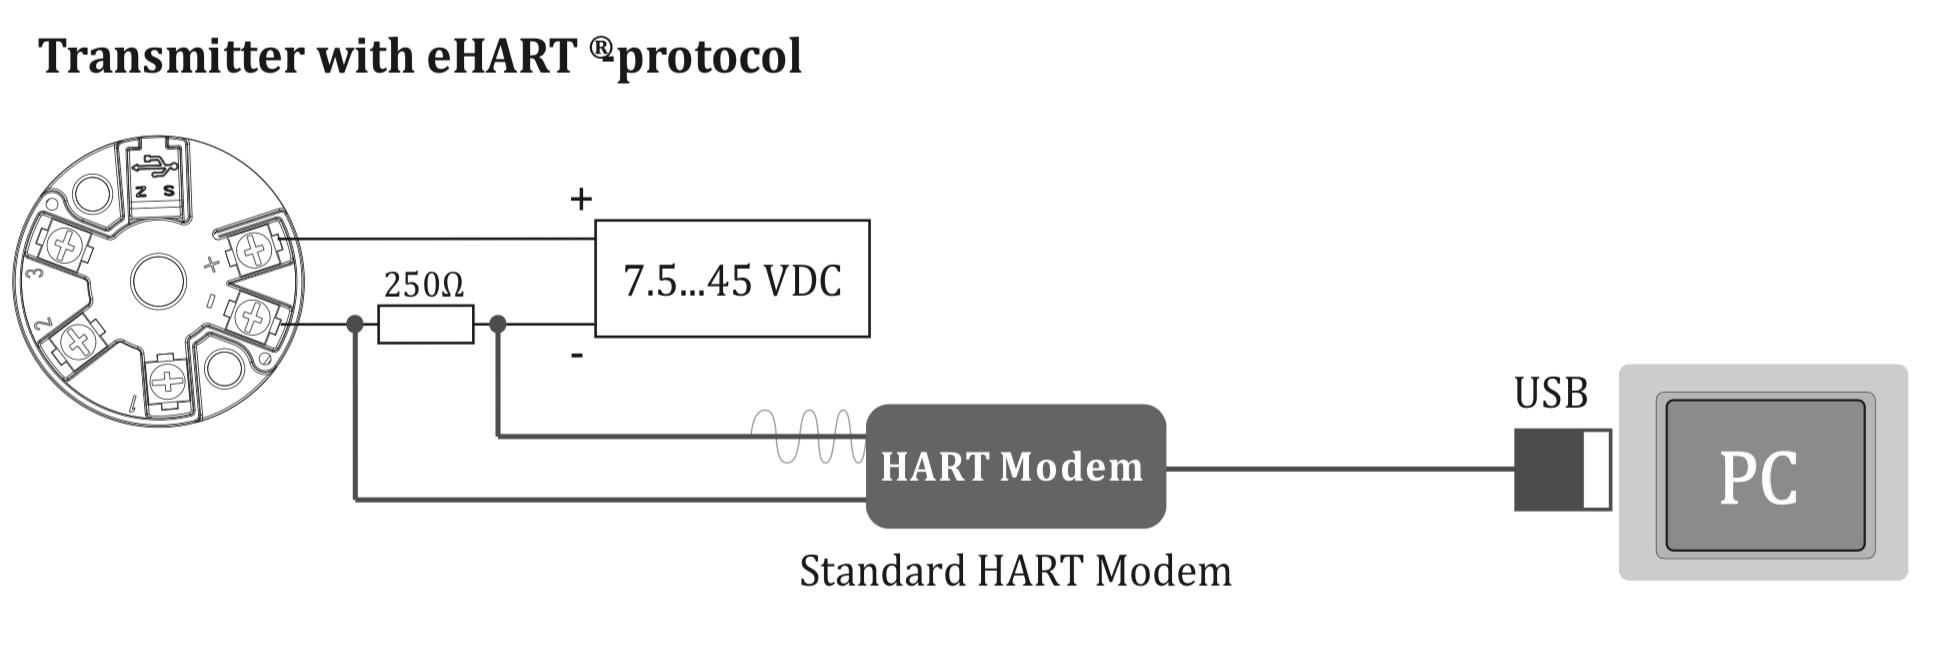 Cấu hình cho bộ chuyển đổi MST110